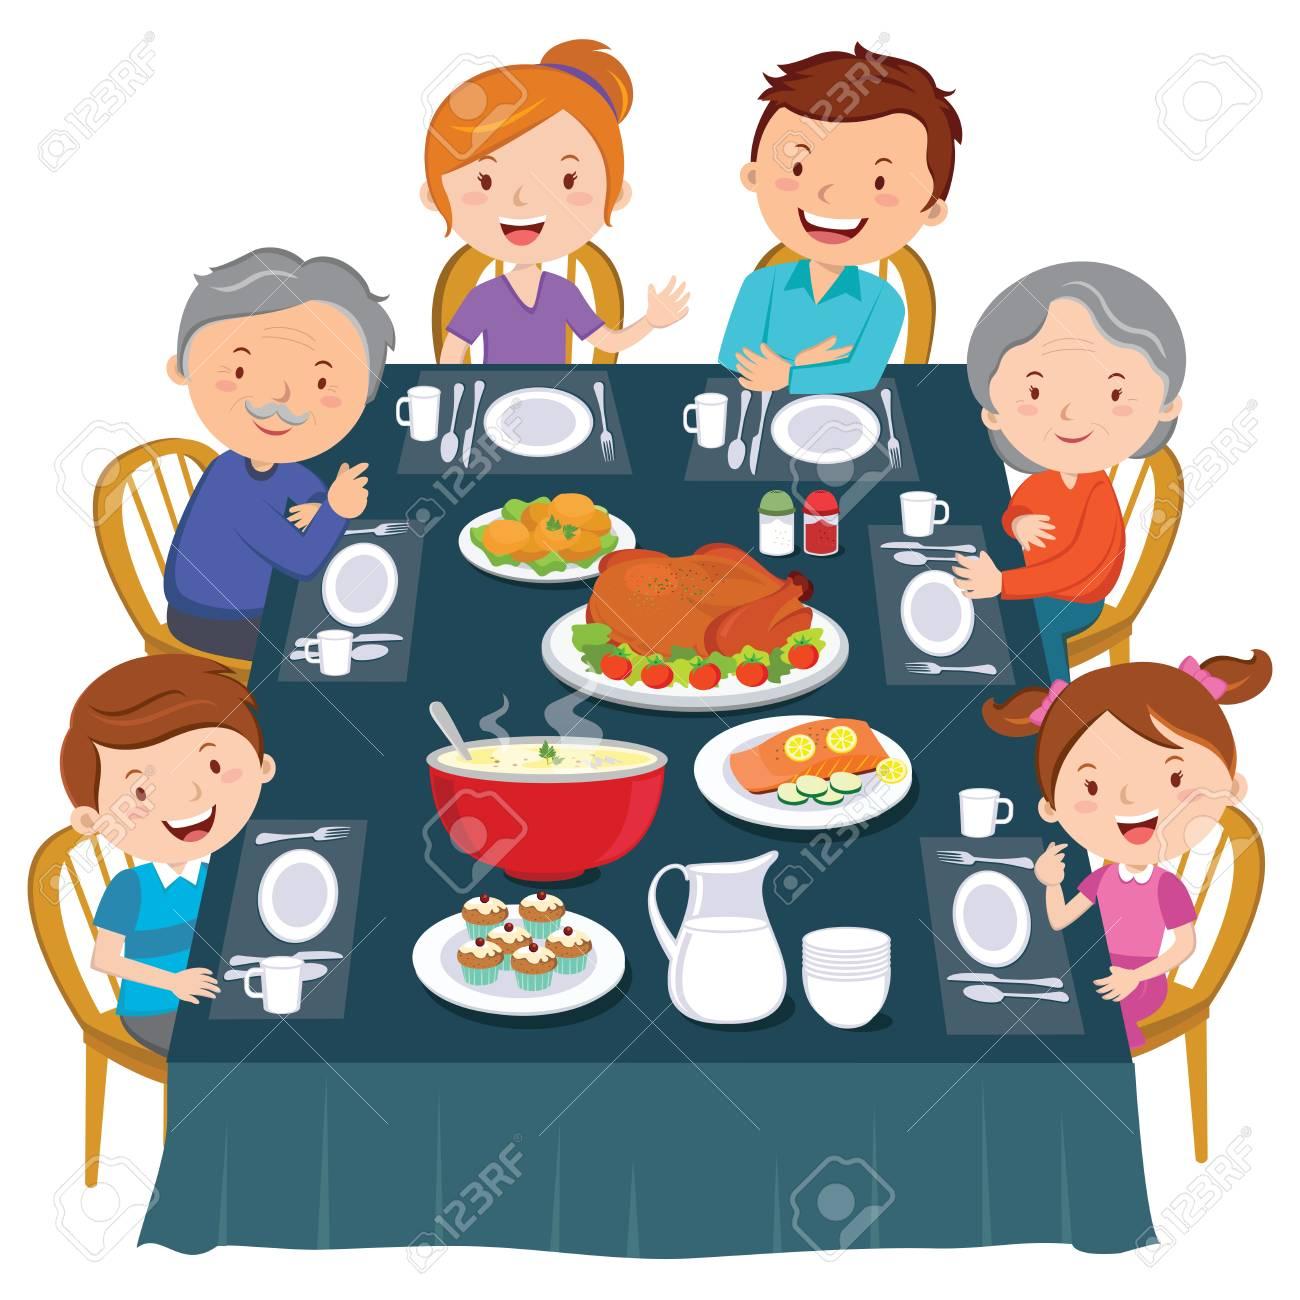 Thanksgiving dinner. Family dinner. Happy extended family having dinner. - 113768912